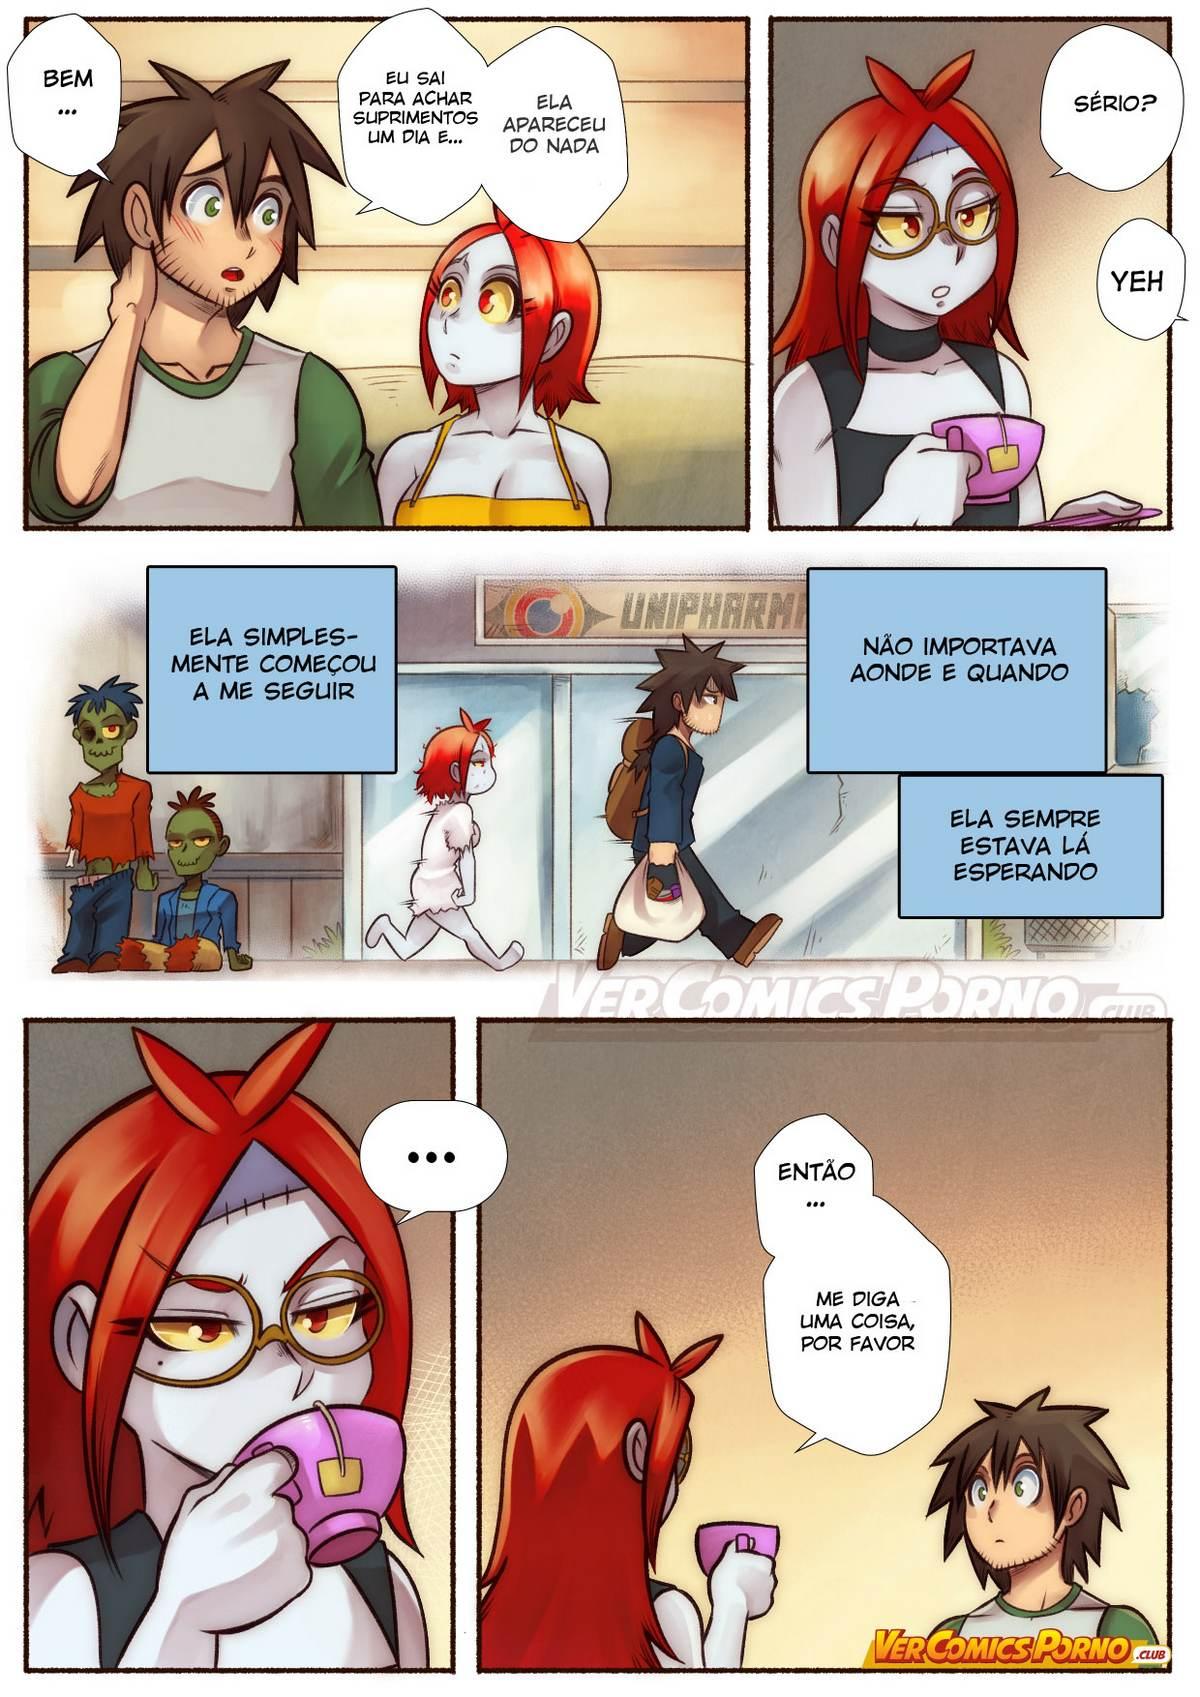 Cherry Road Part 5 Hentai pt br 09 - hentai, exclusiva, comics-hq